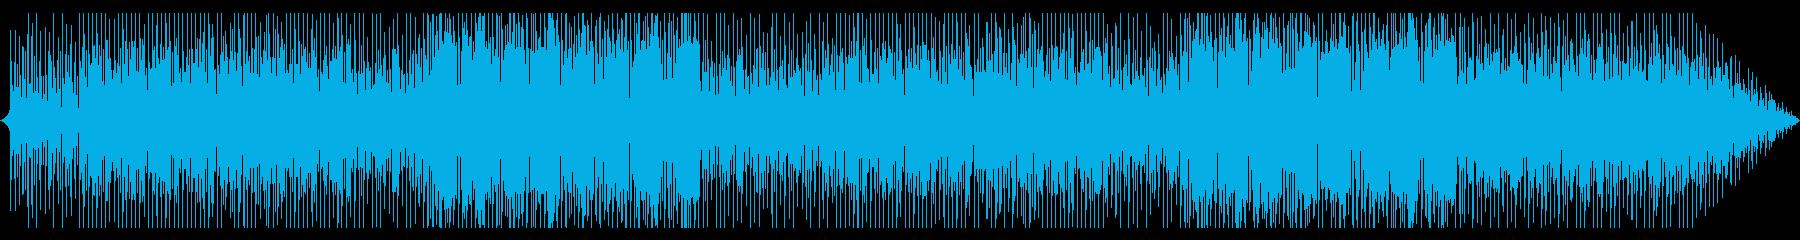 エキゾチックな雰囲気が漂うインスト曲の再生済みの波形